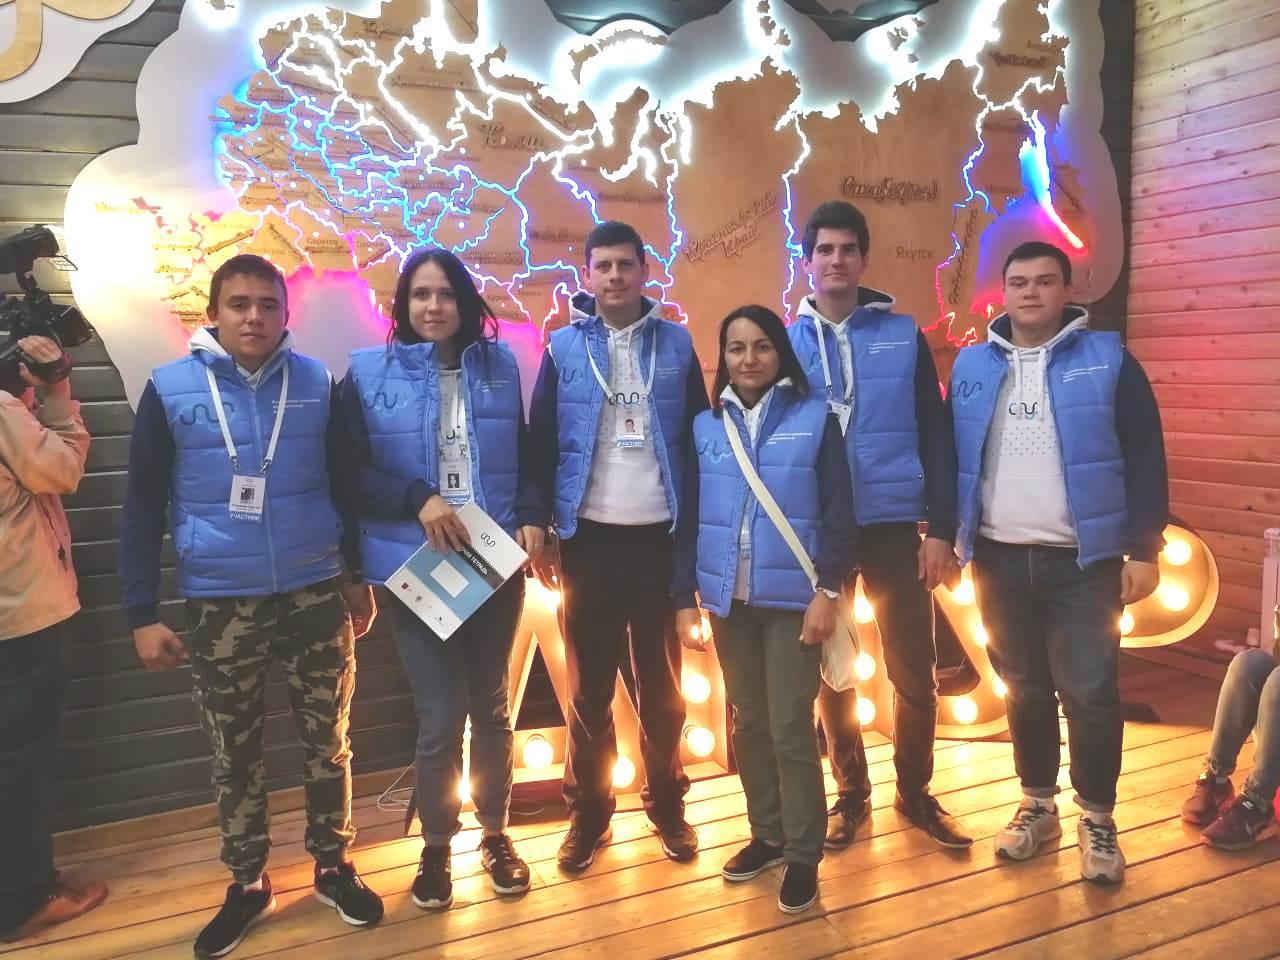 Сельская молодежь презентовала свои проекты на форуме «Амур»